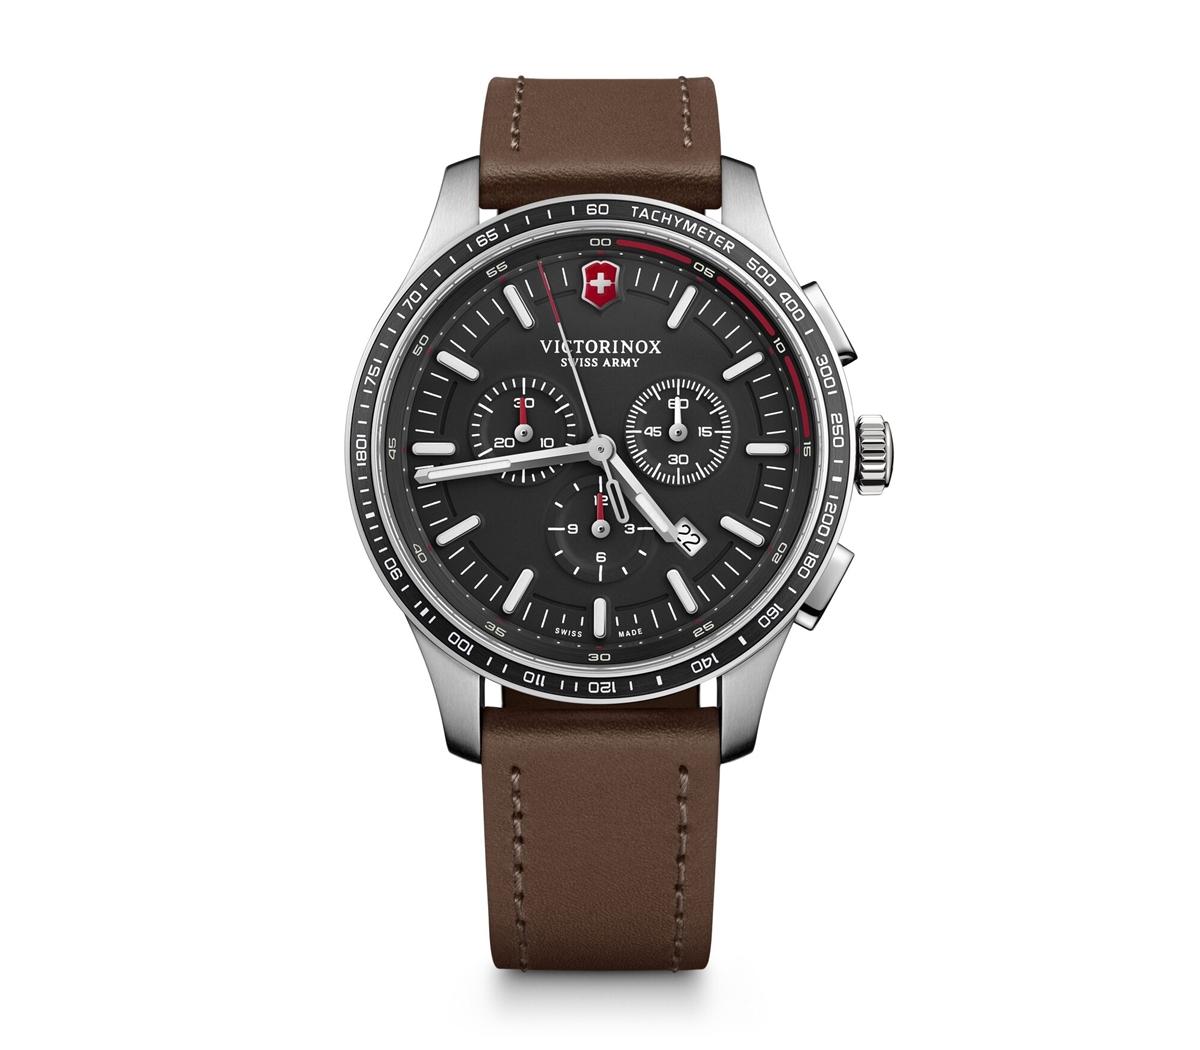 ビクトリノックス VICTORINOX 241826 アライアンス スポーツ クロノグラフ 正規品 腕時計